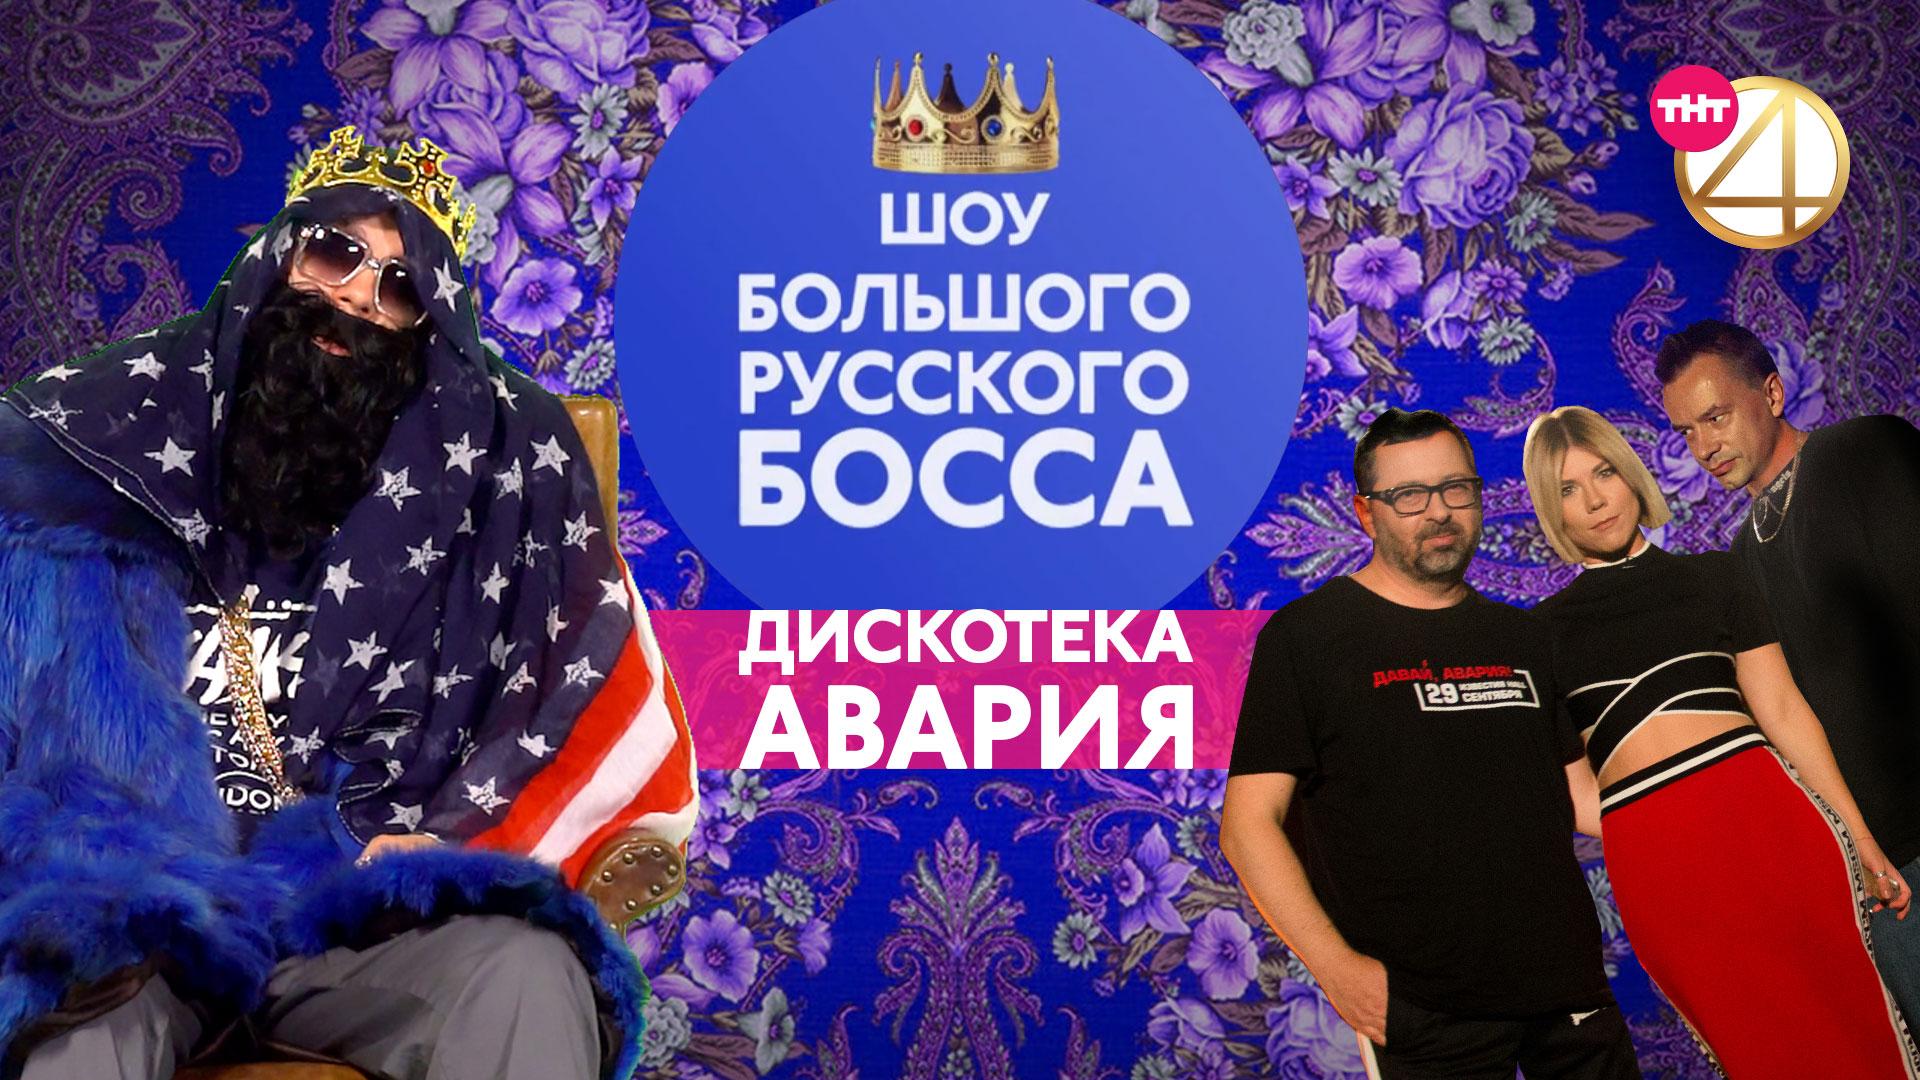 может содержать шоу большого русского босса кто это образом, получается, что